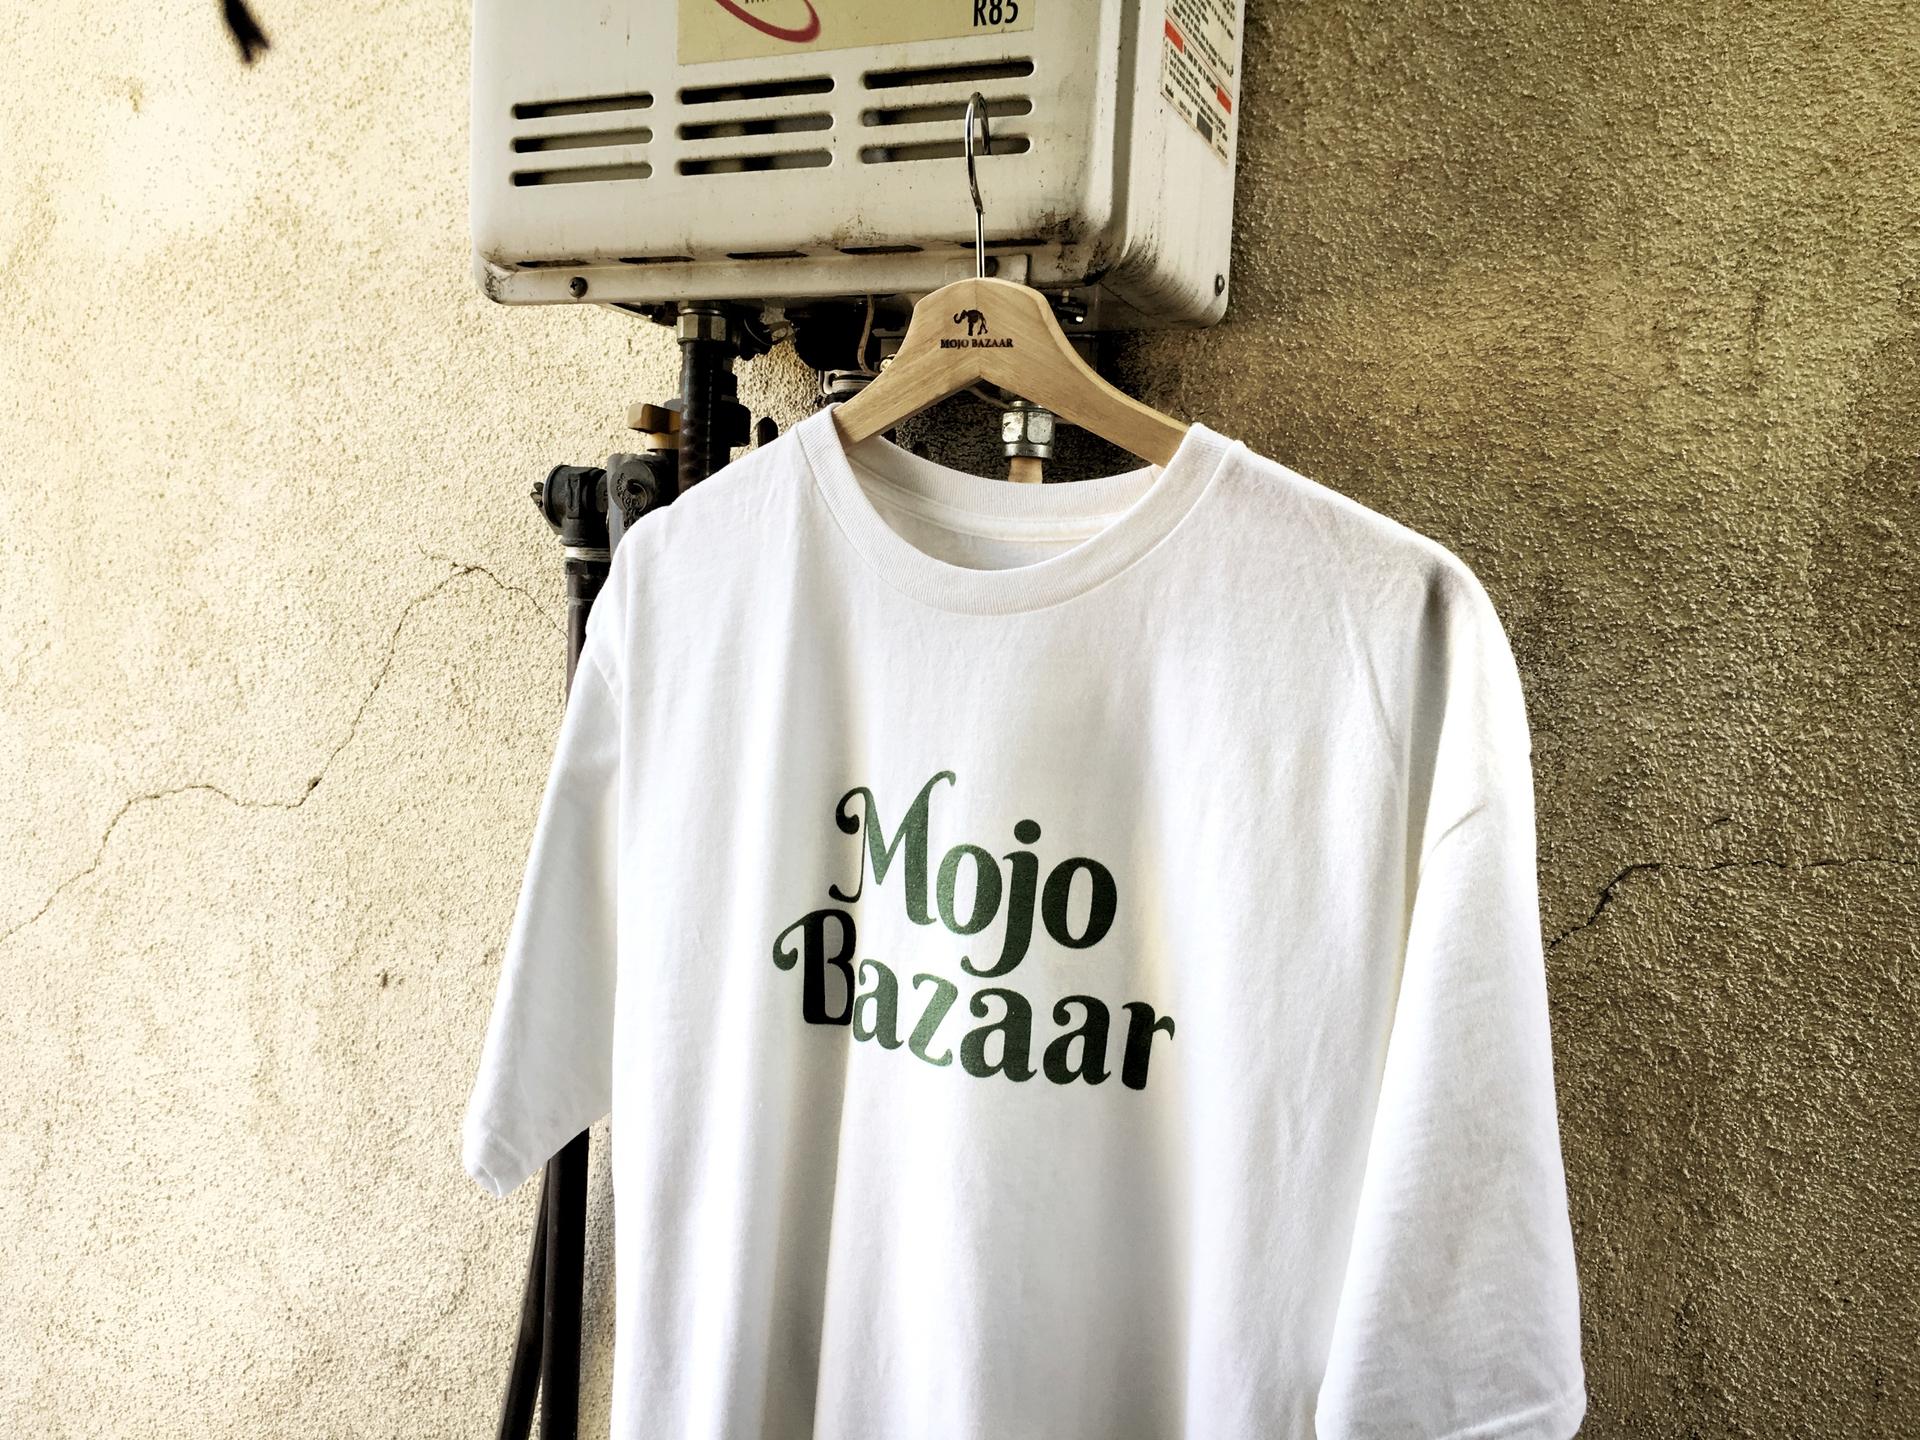 Mojo Bazaar (@mojobazaar) Cover Image